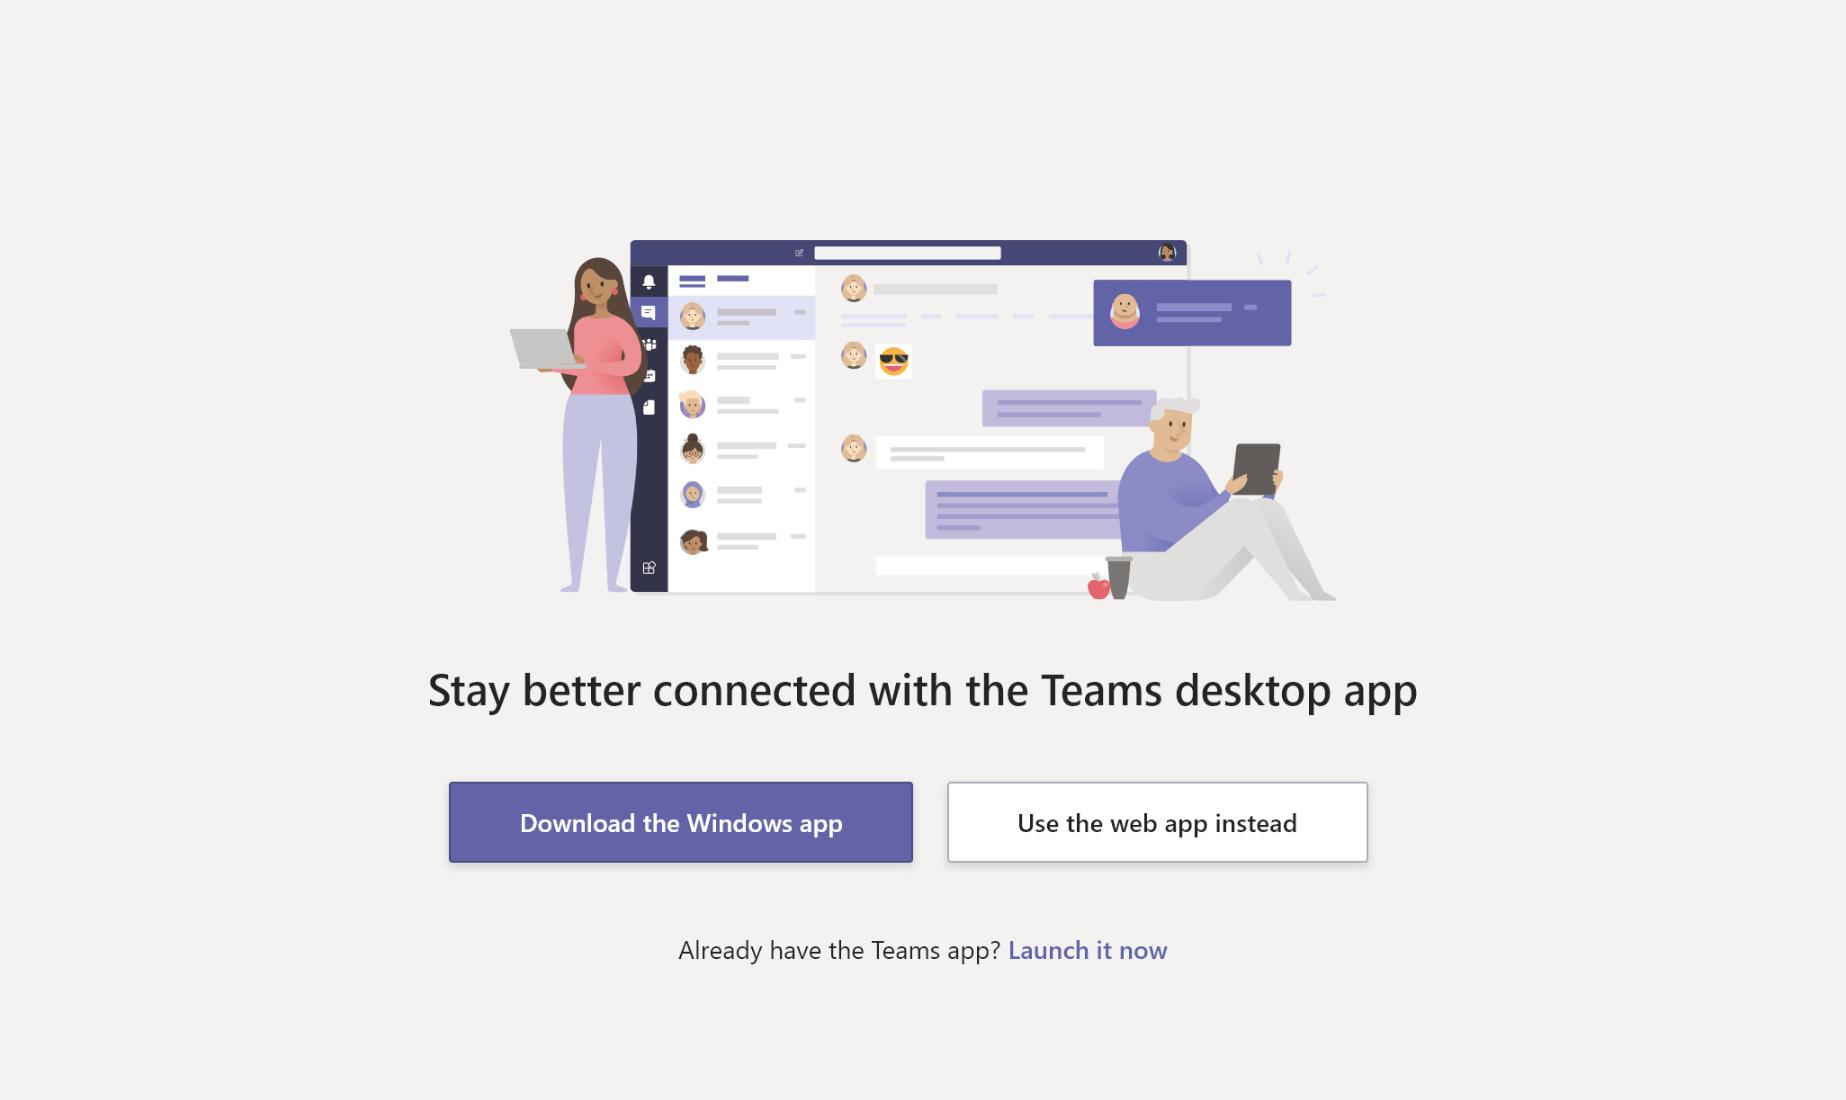 Téléchargement de l'application Teams